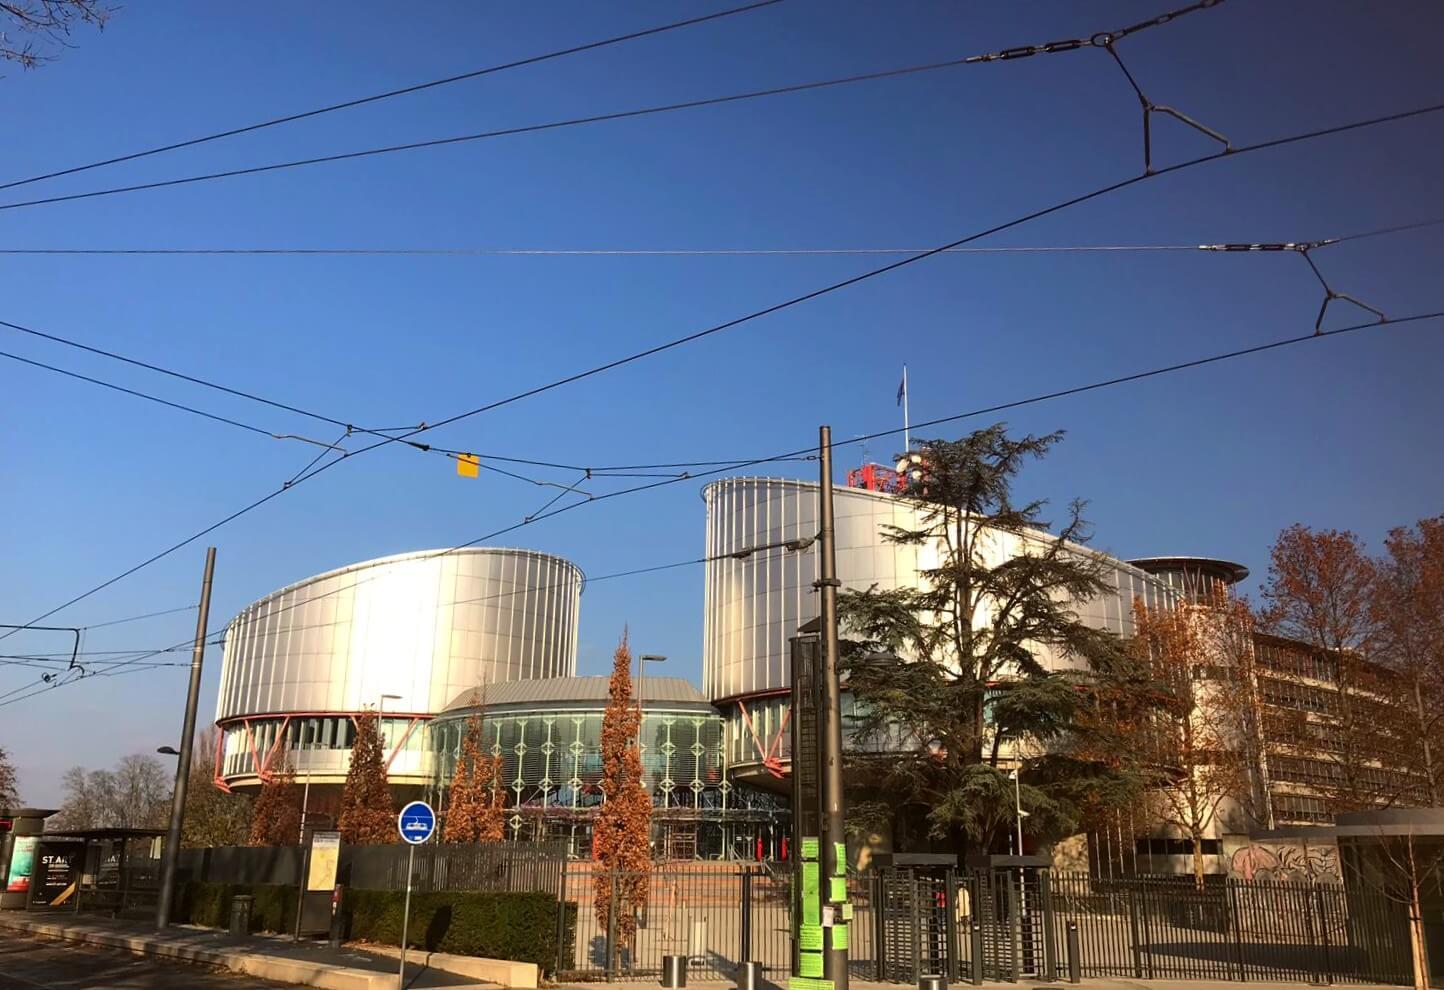 ZbogHrvatskih studija podignuta tužba protiv RH na Europskom sudu za ljudska prava